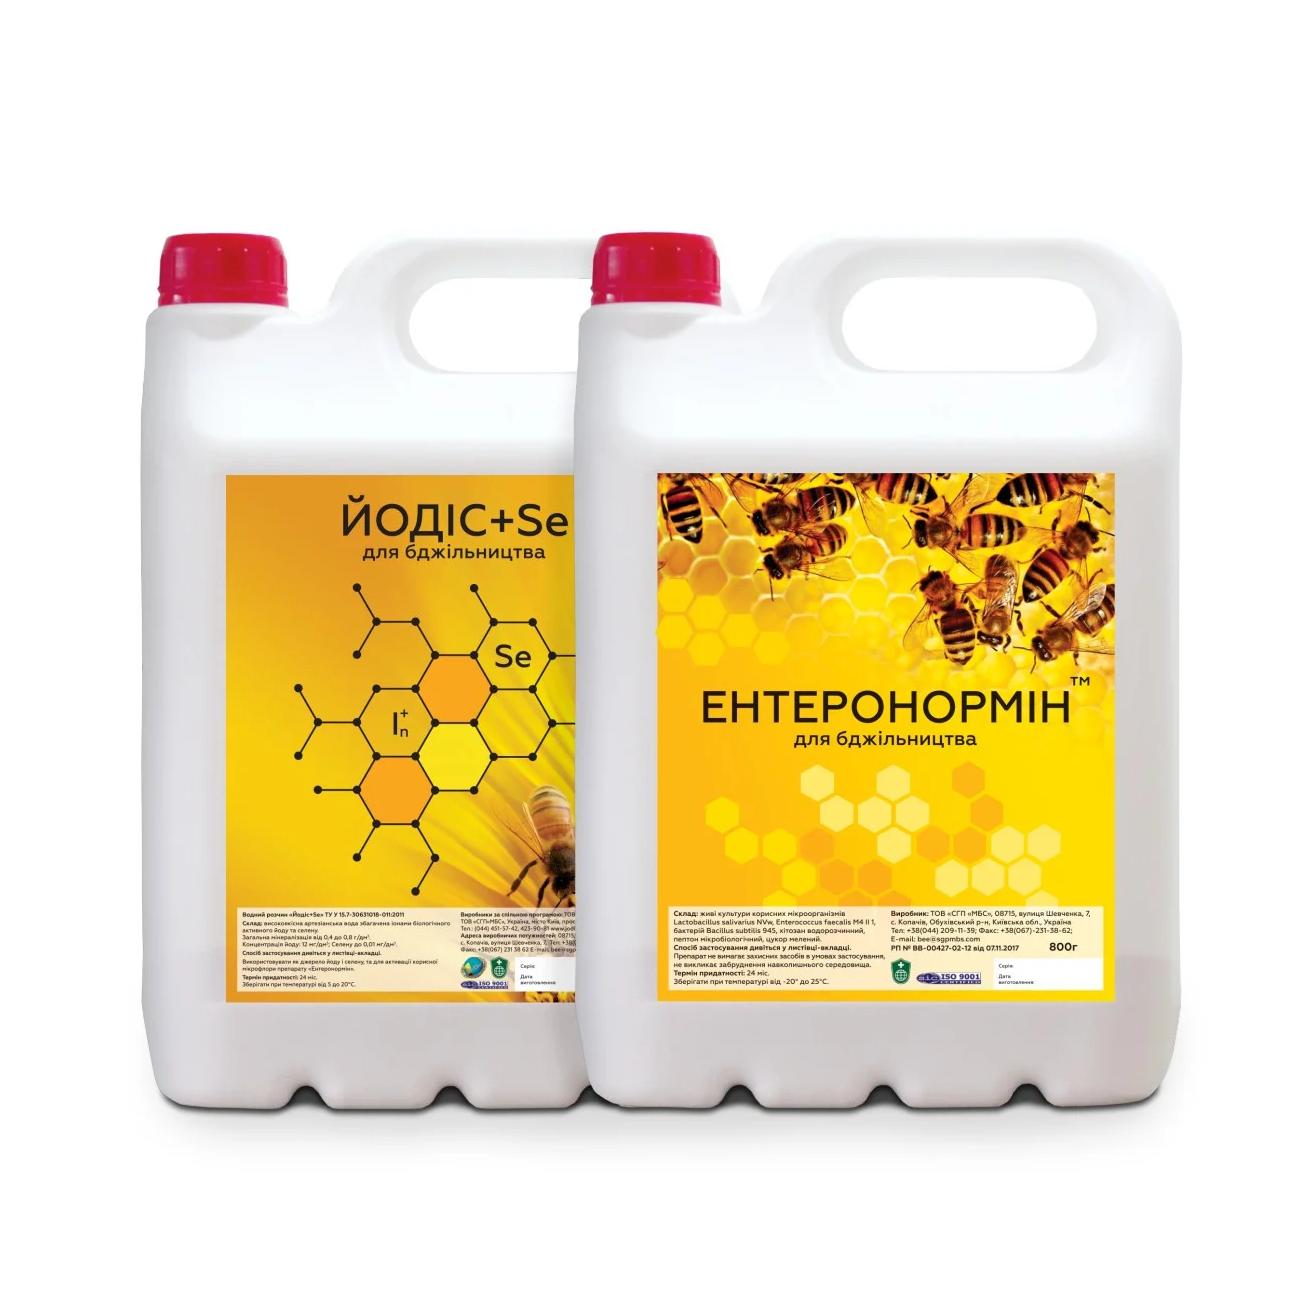 ЕНТЕРОНОРМІН™ з Йодіс+Se для бджільництва (800г+4000мл)